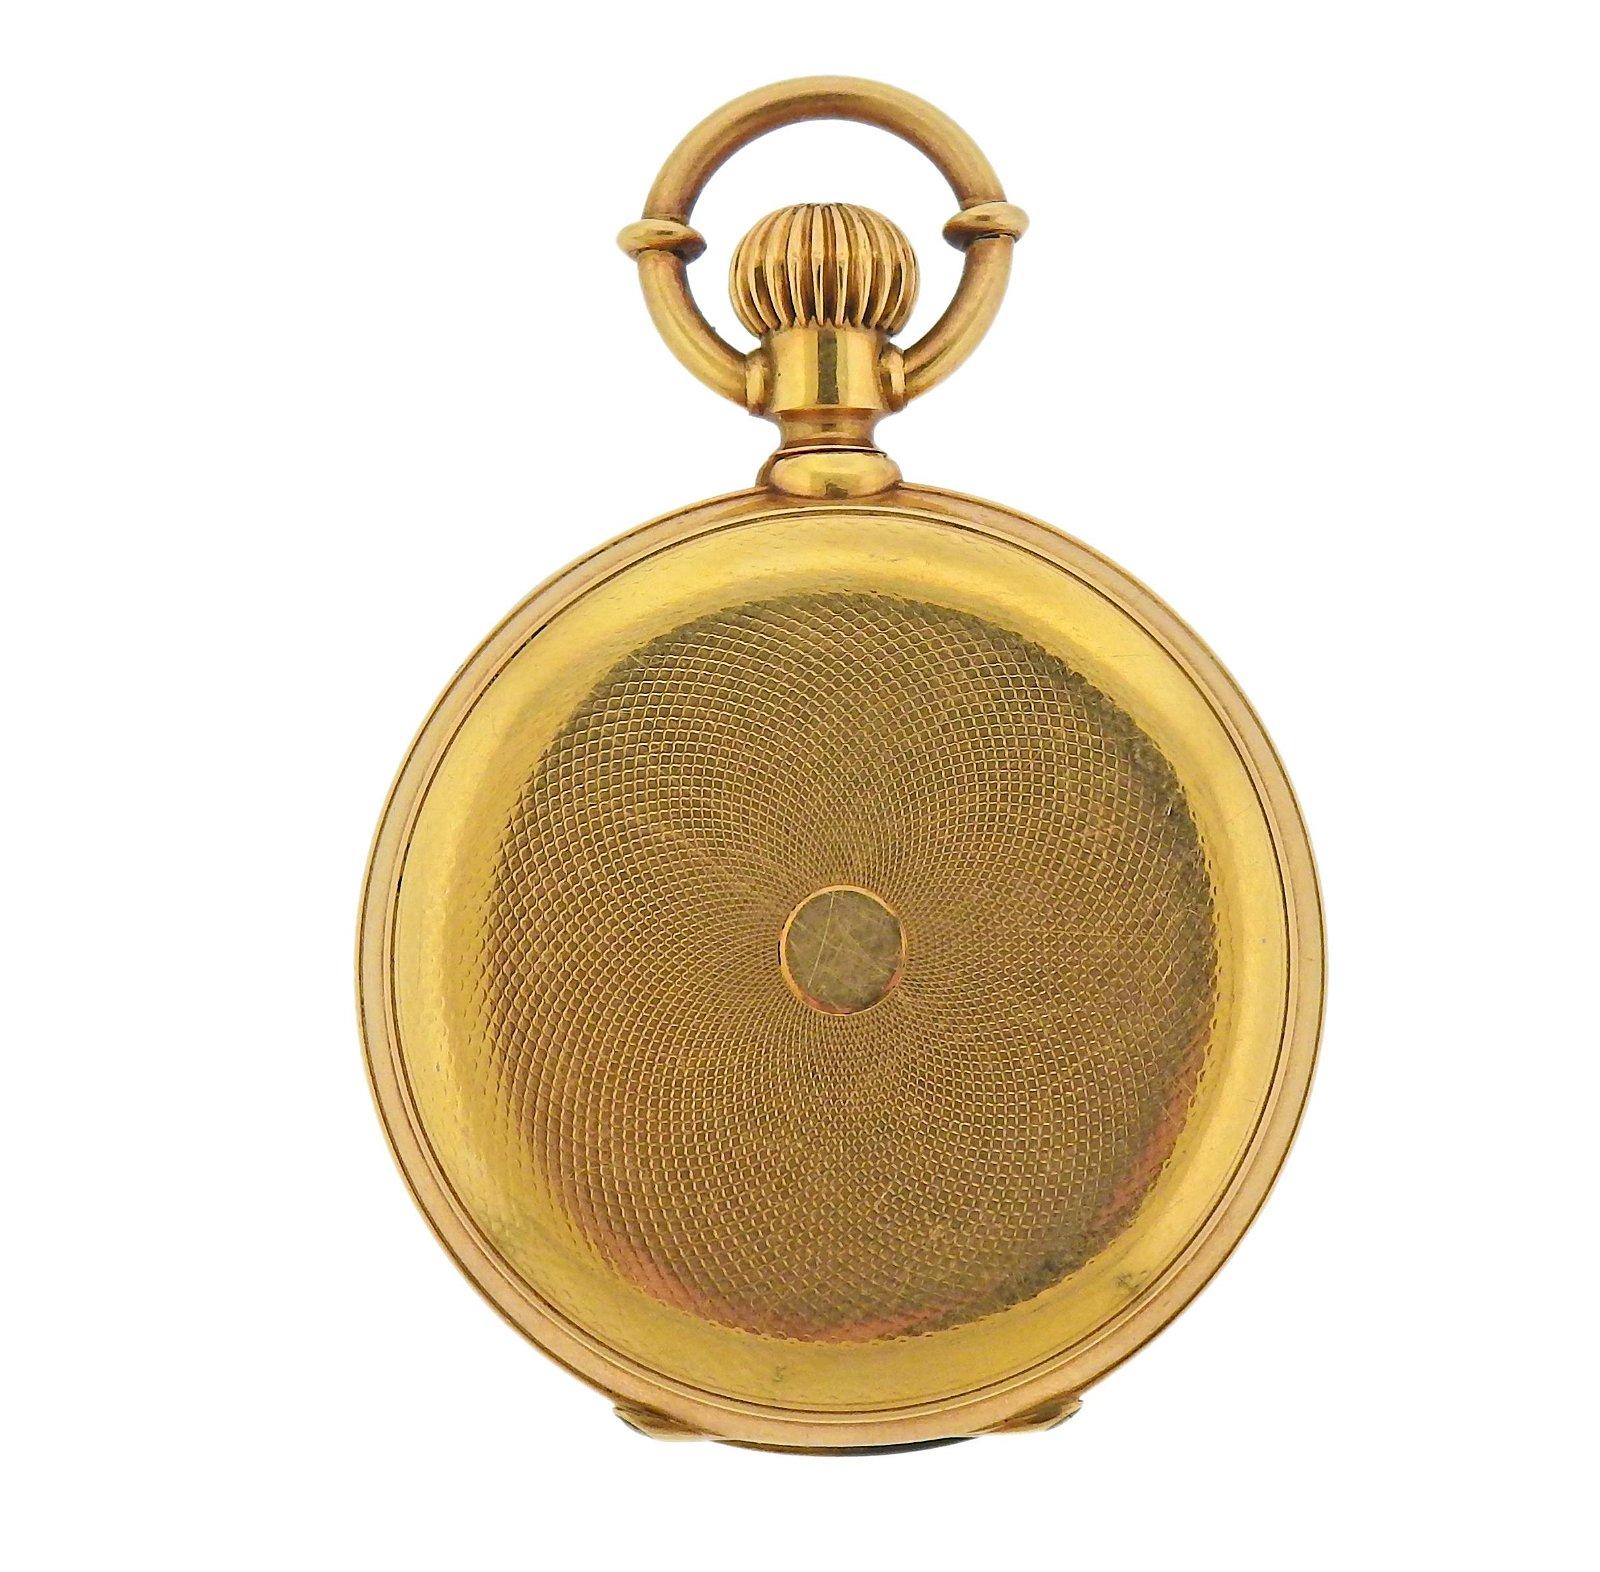 Antique Jules Jurgensen Copenhagen 18K Gold Pocket